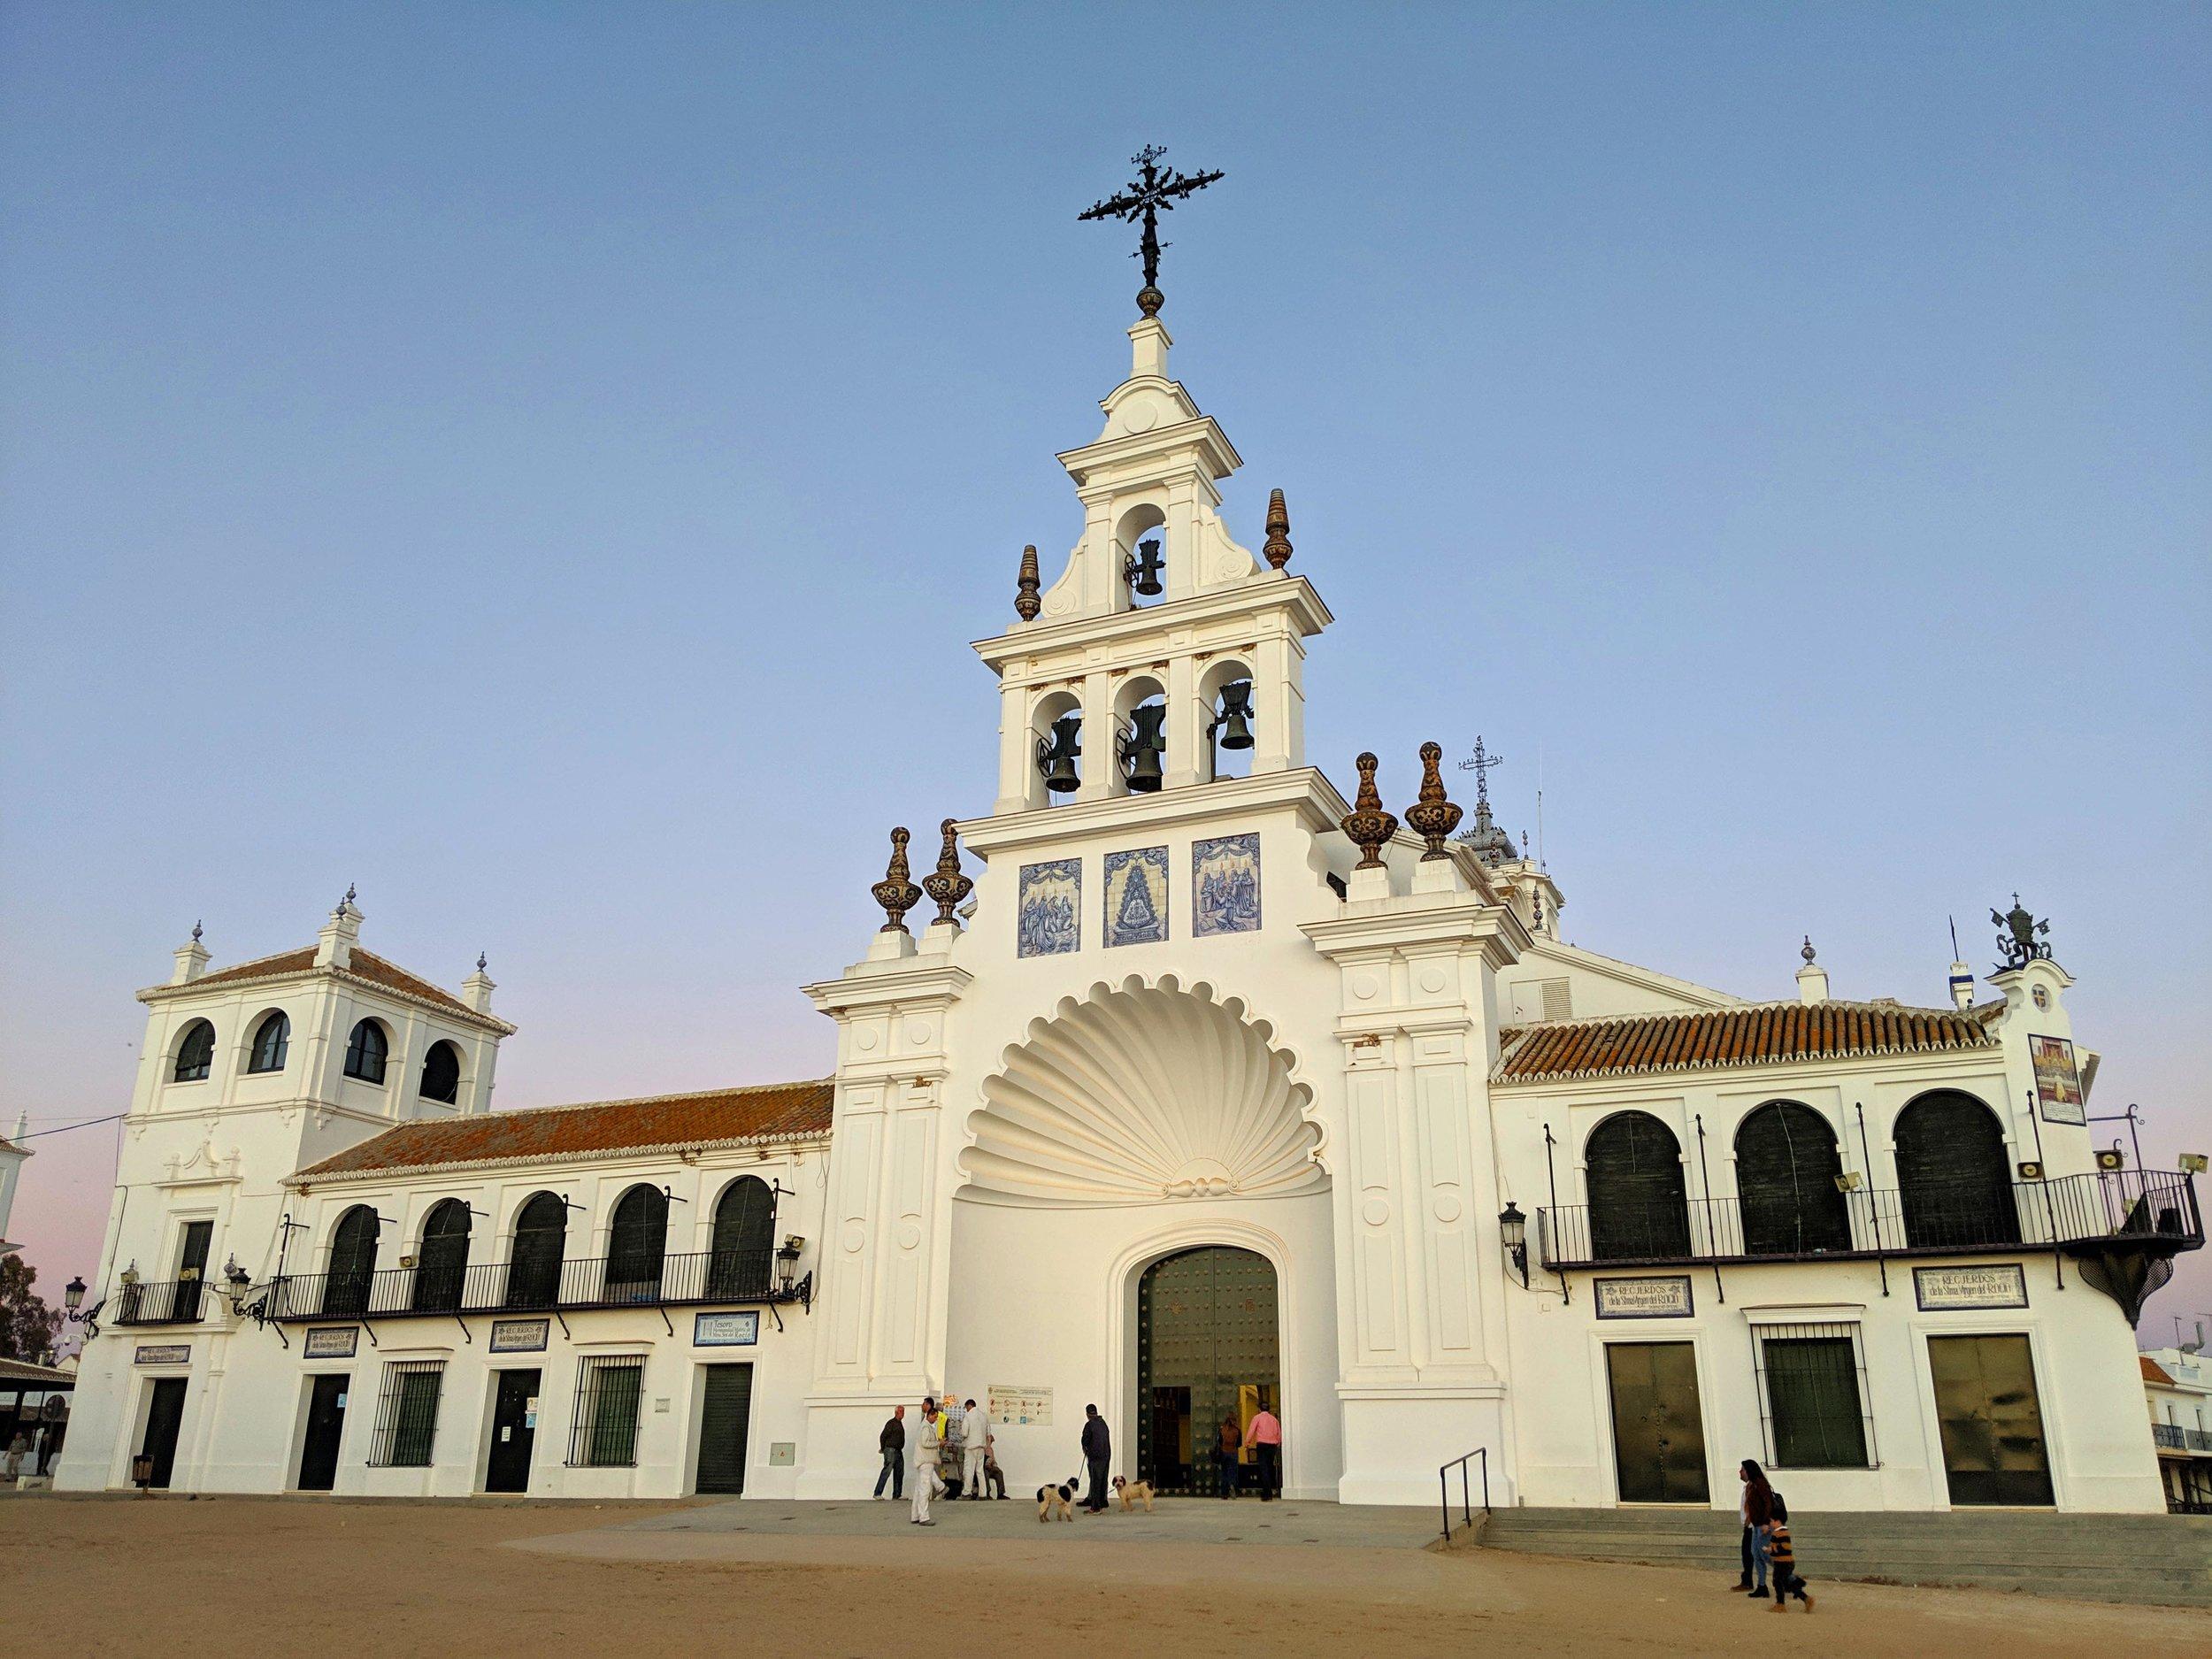 The beautiful Hermitage of El Rocio